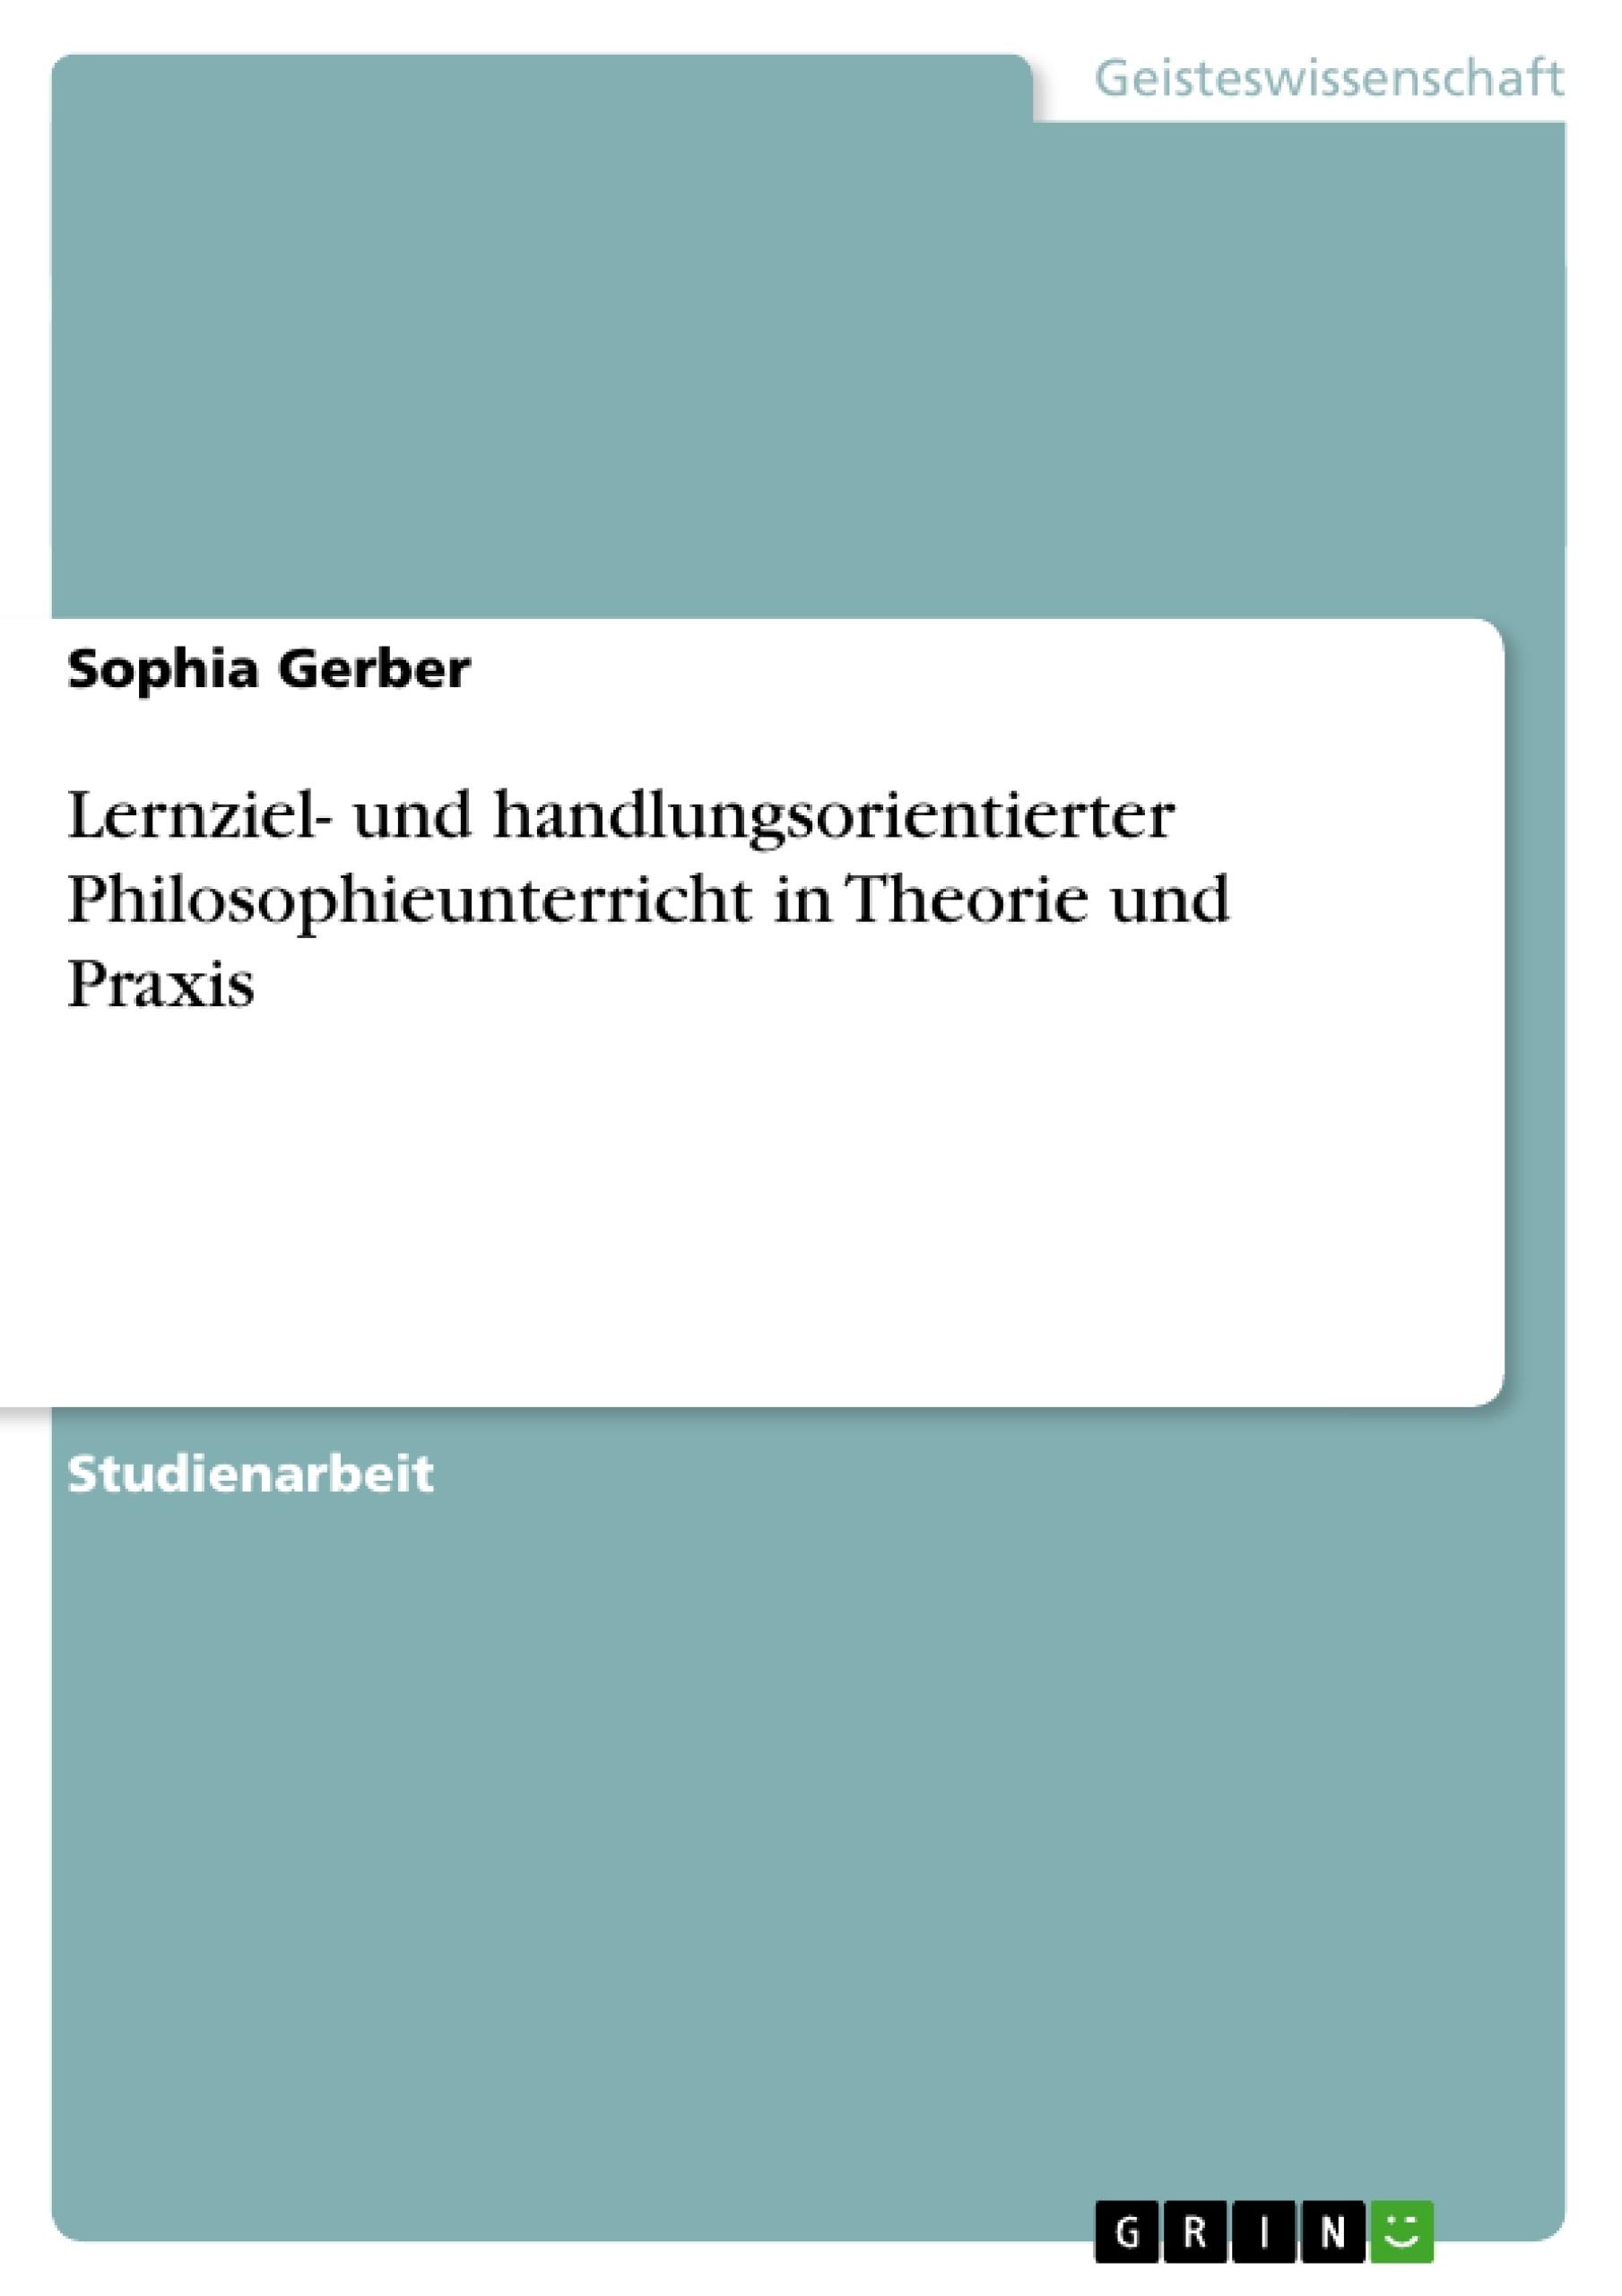 Titel: Lernziel- und handlungsorientierter Philosophieunterricht in Theorie und Praxis